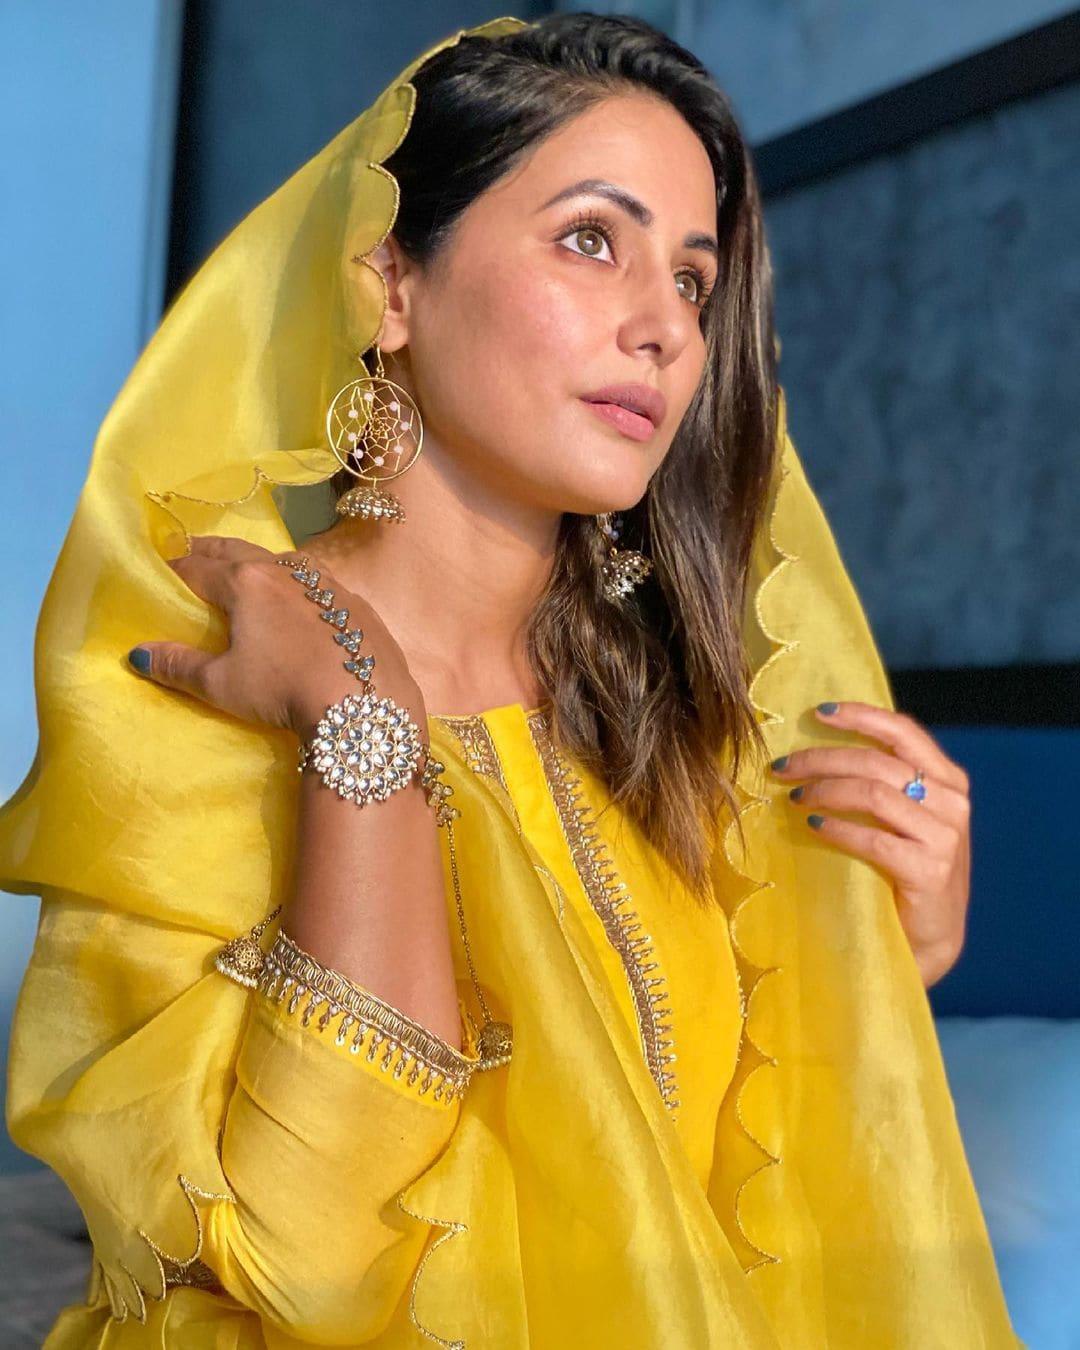 हिना खान सोशल मीडियावर मोठ्या प्रमाणात सक्रीय असते. ती नेहमीच आपले बोल्ड फोटो सोशल मीडियावर पोस्ट करत असते. मात्र हिनाचं हा पारंपरिक अंदाज चाहत्यांना खुपचं भावलाय.